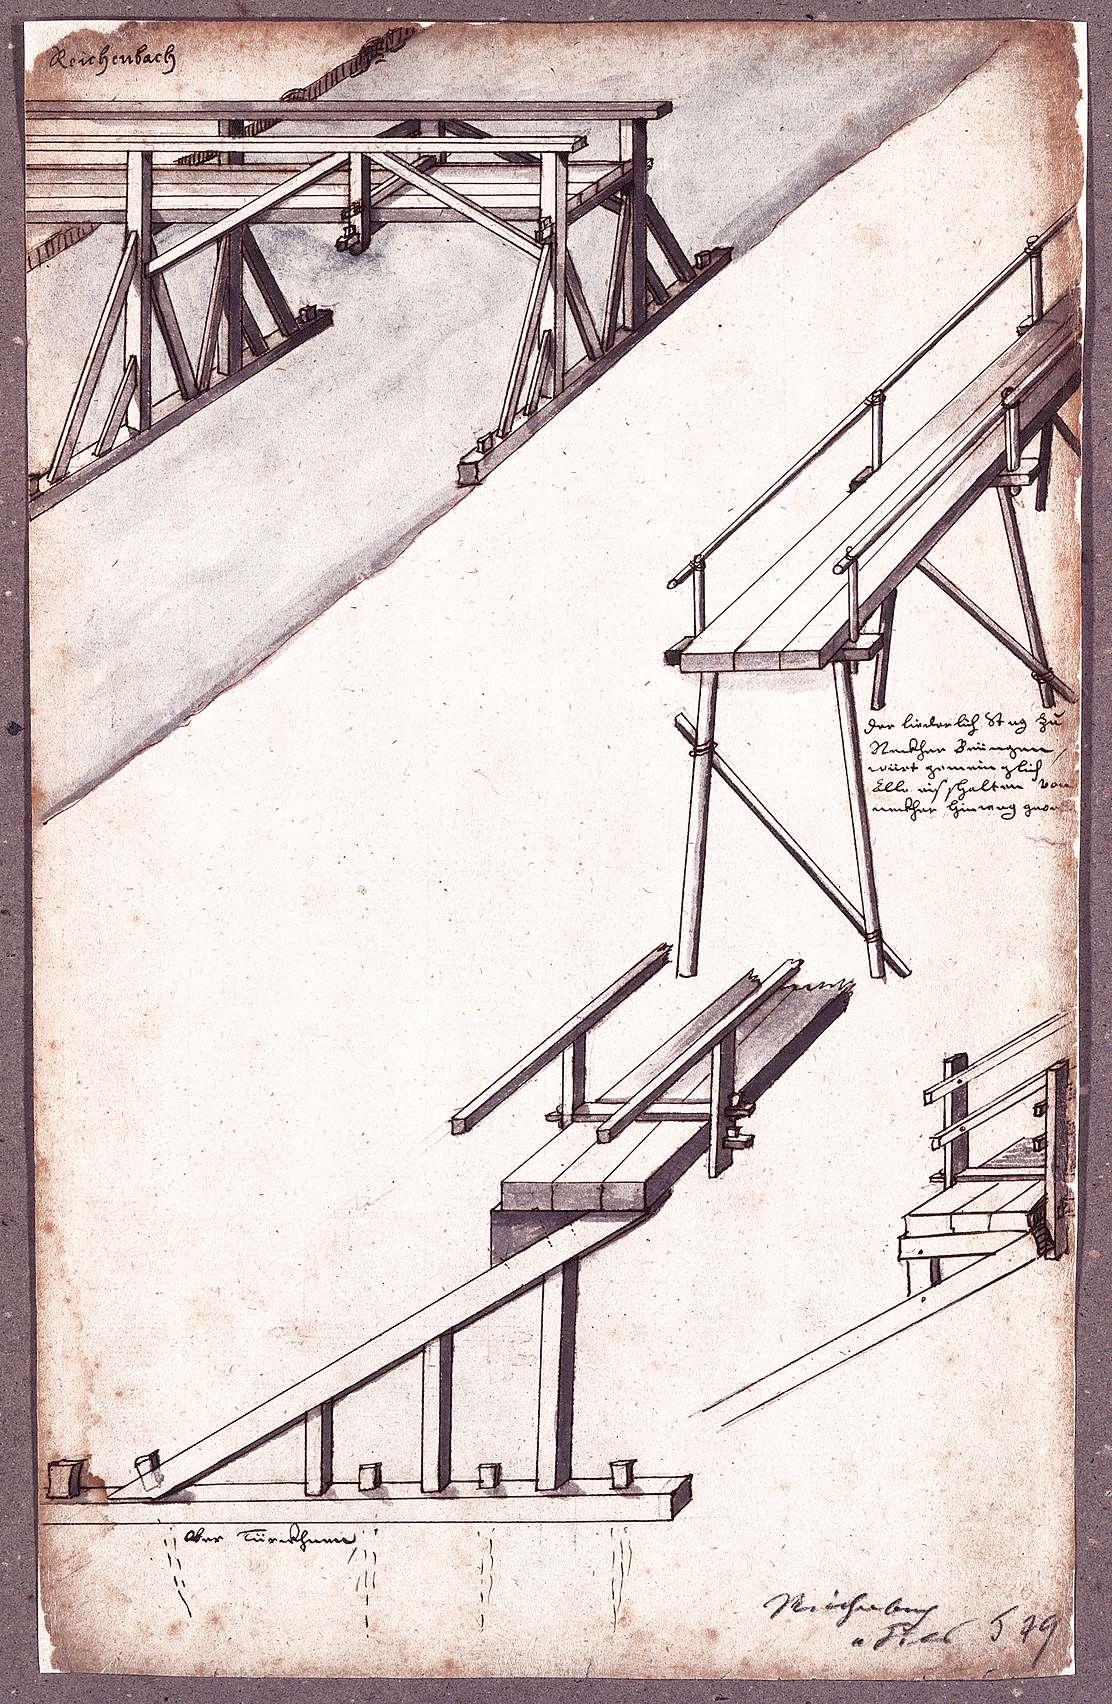 Stege in Obertürkheim, Reichenbach und Neckarbeihingen, Bild 1